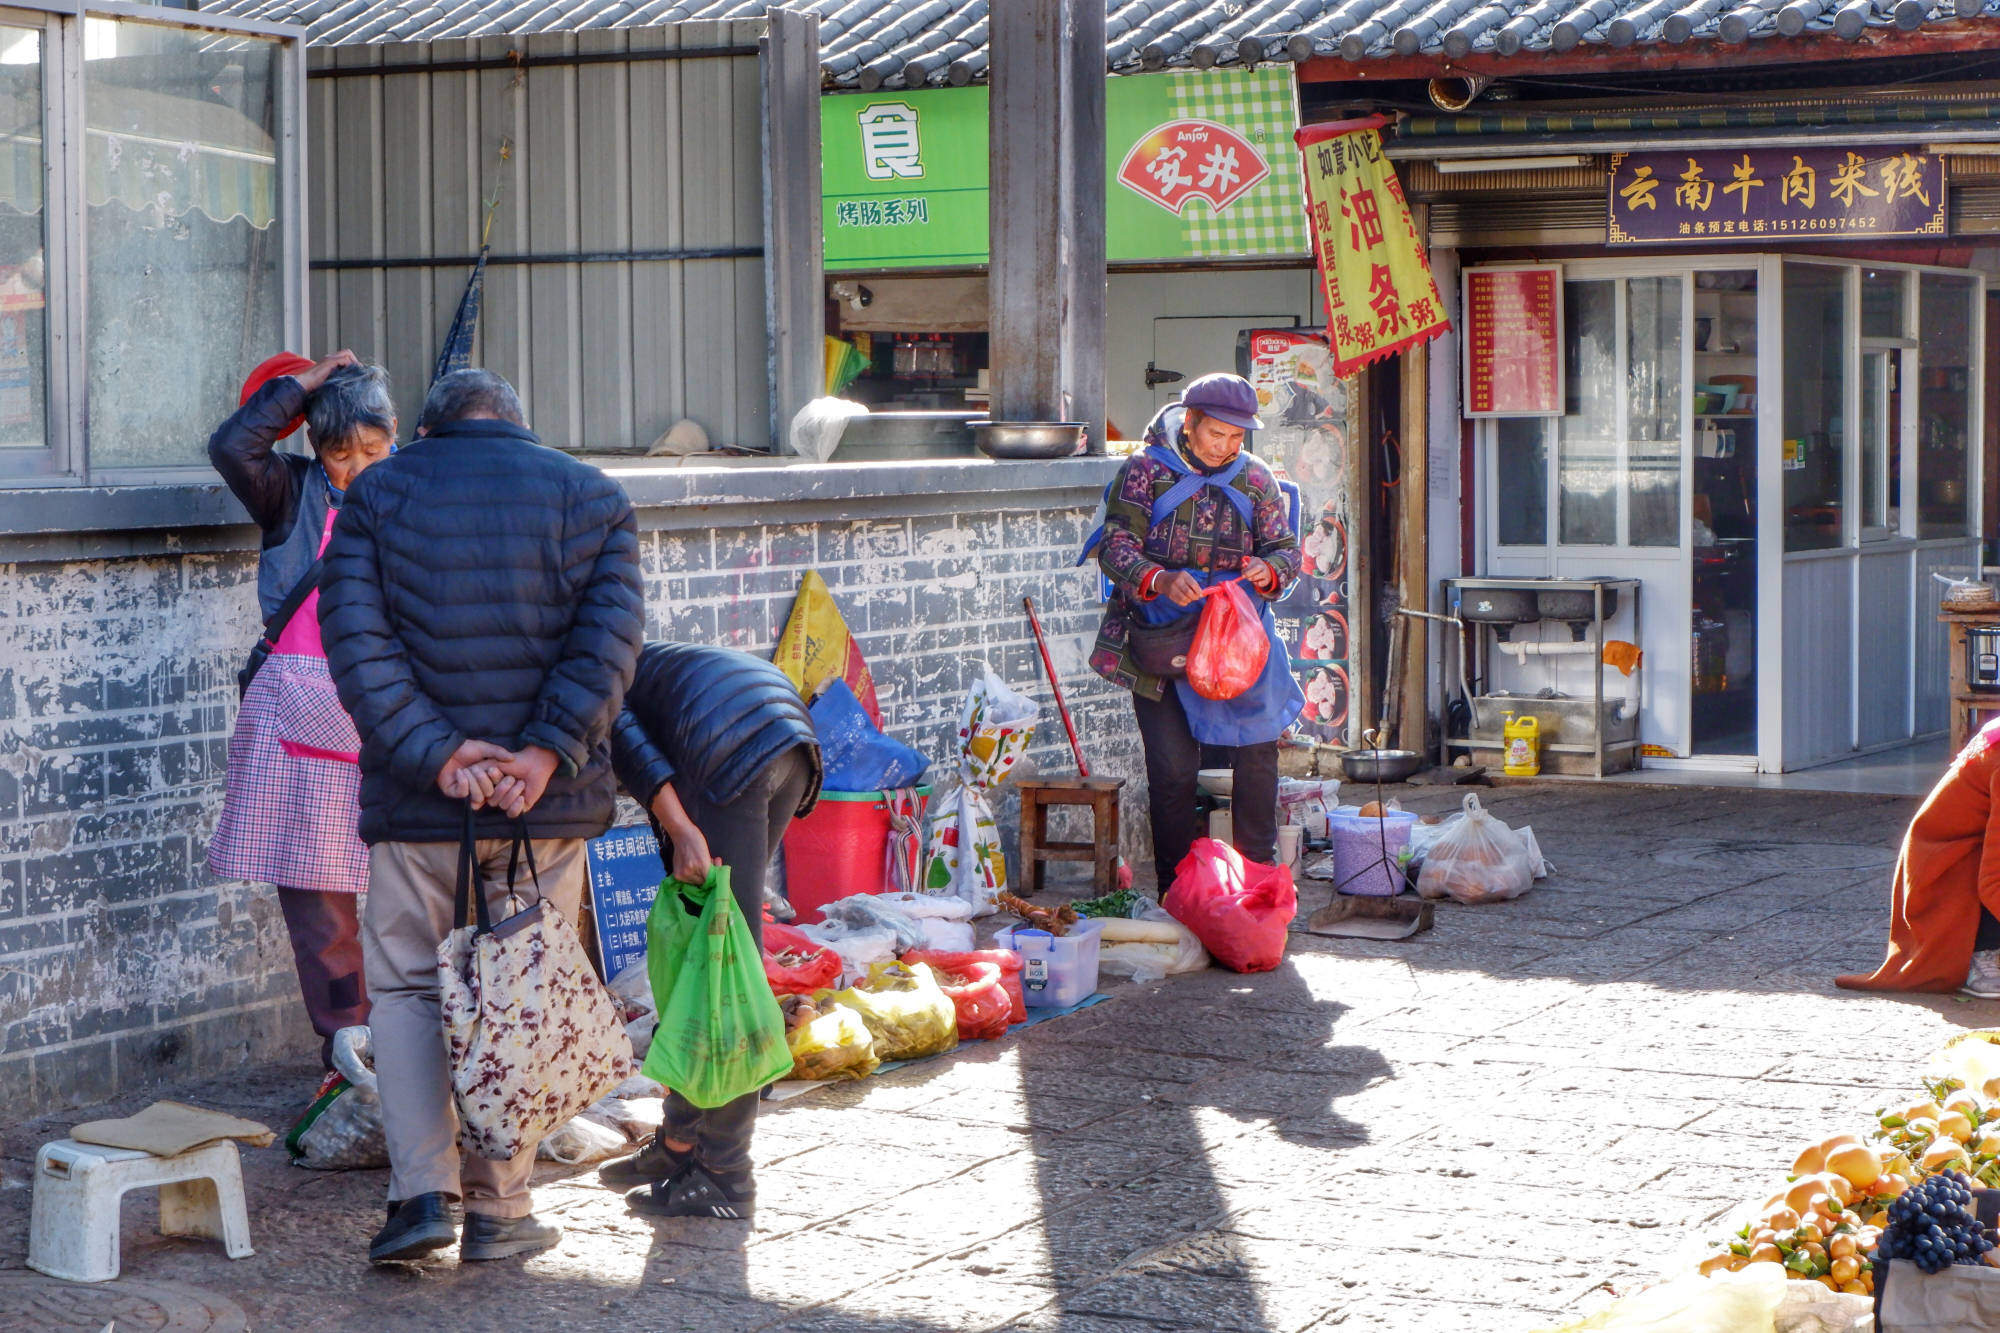 丽江旅游不要在古城吃东西,古城外有丽江最大集市,美食多又便宜